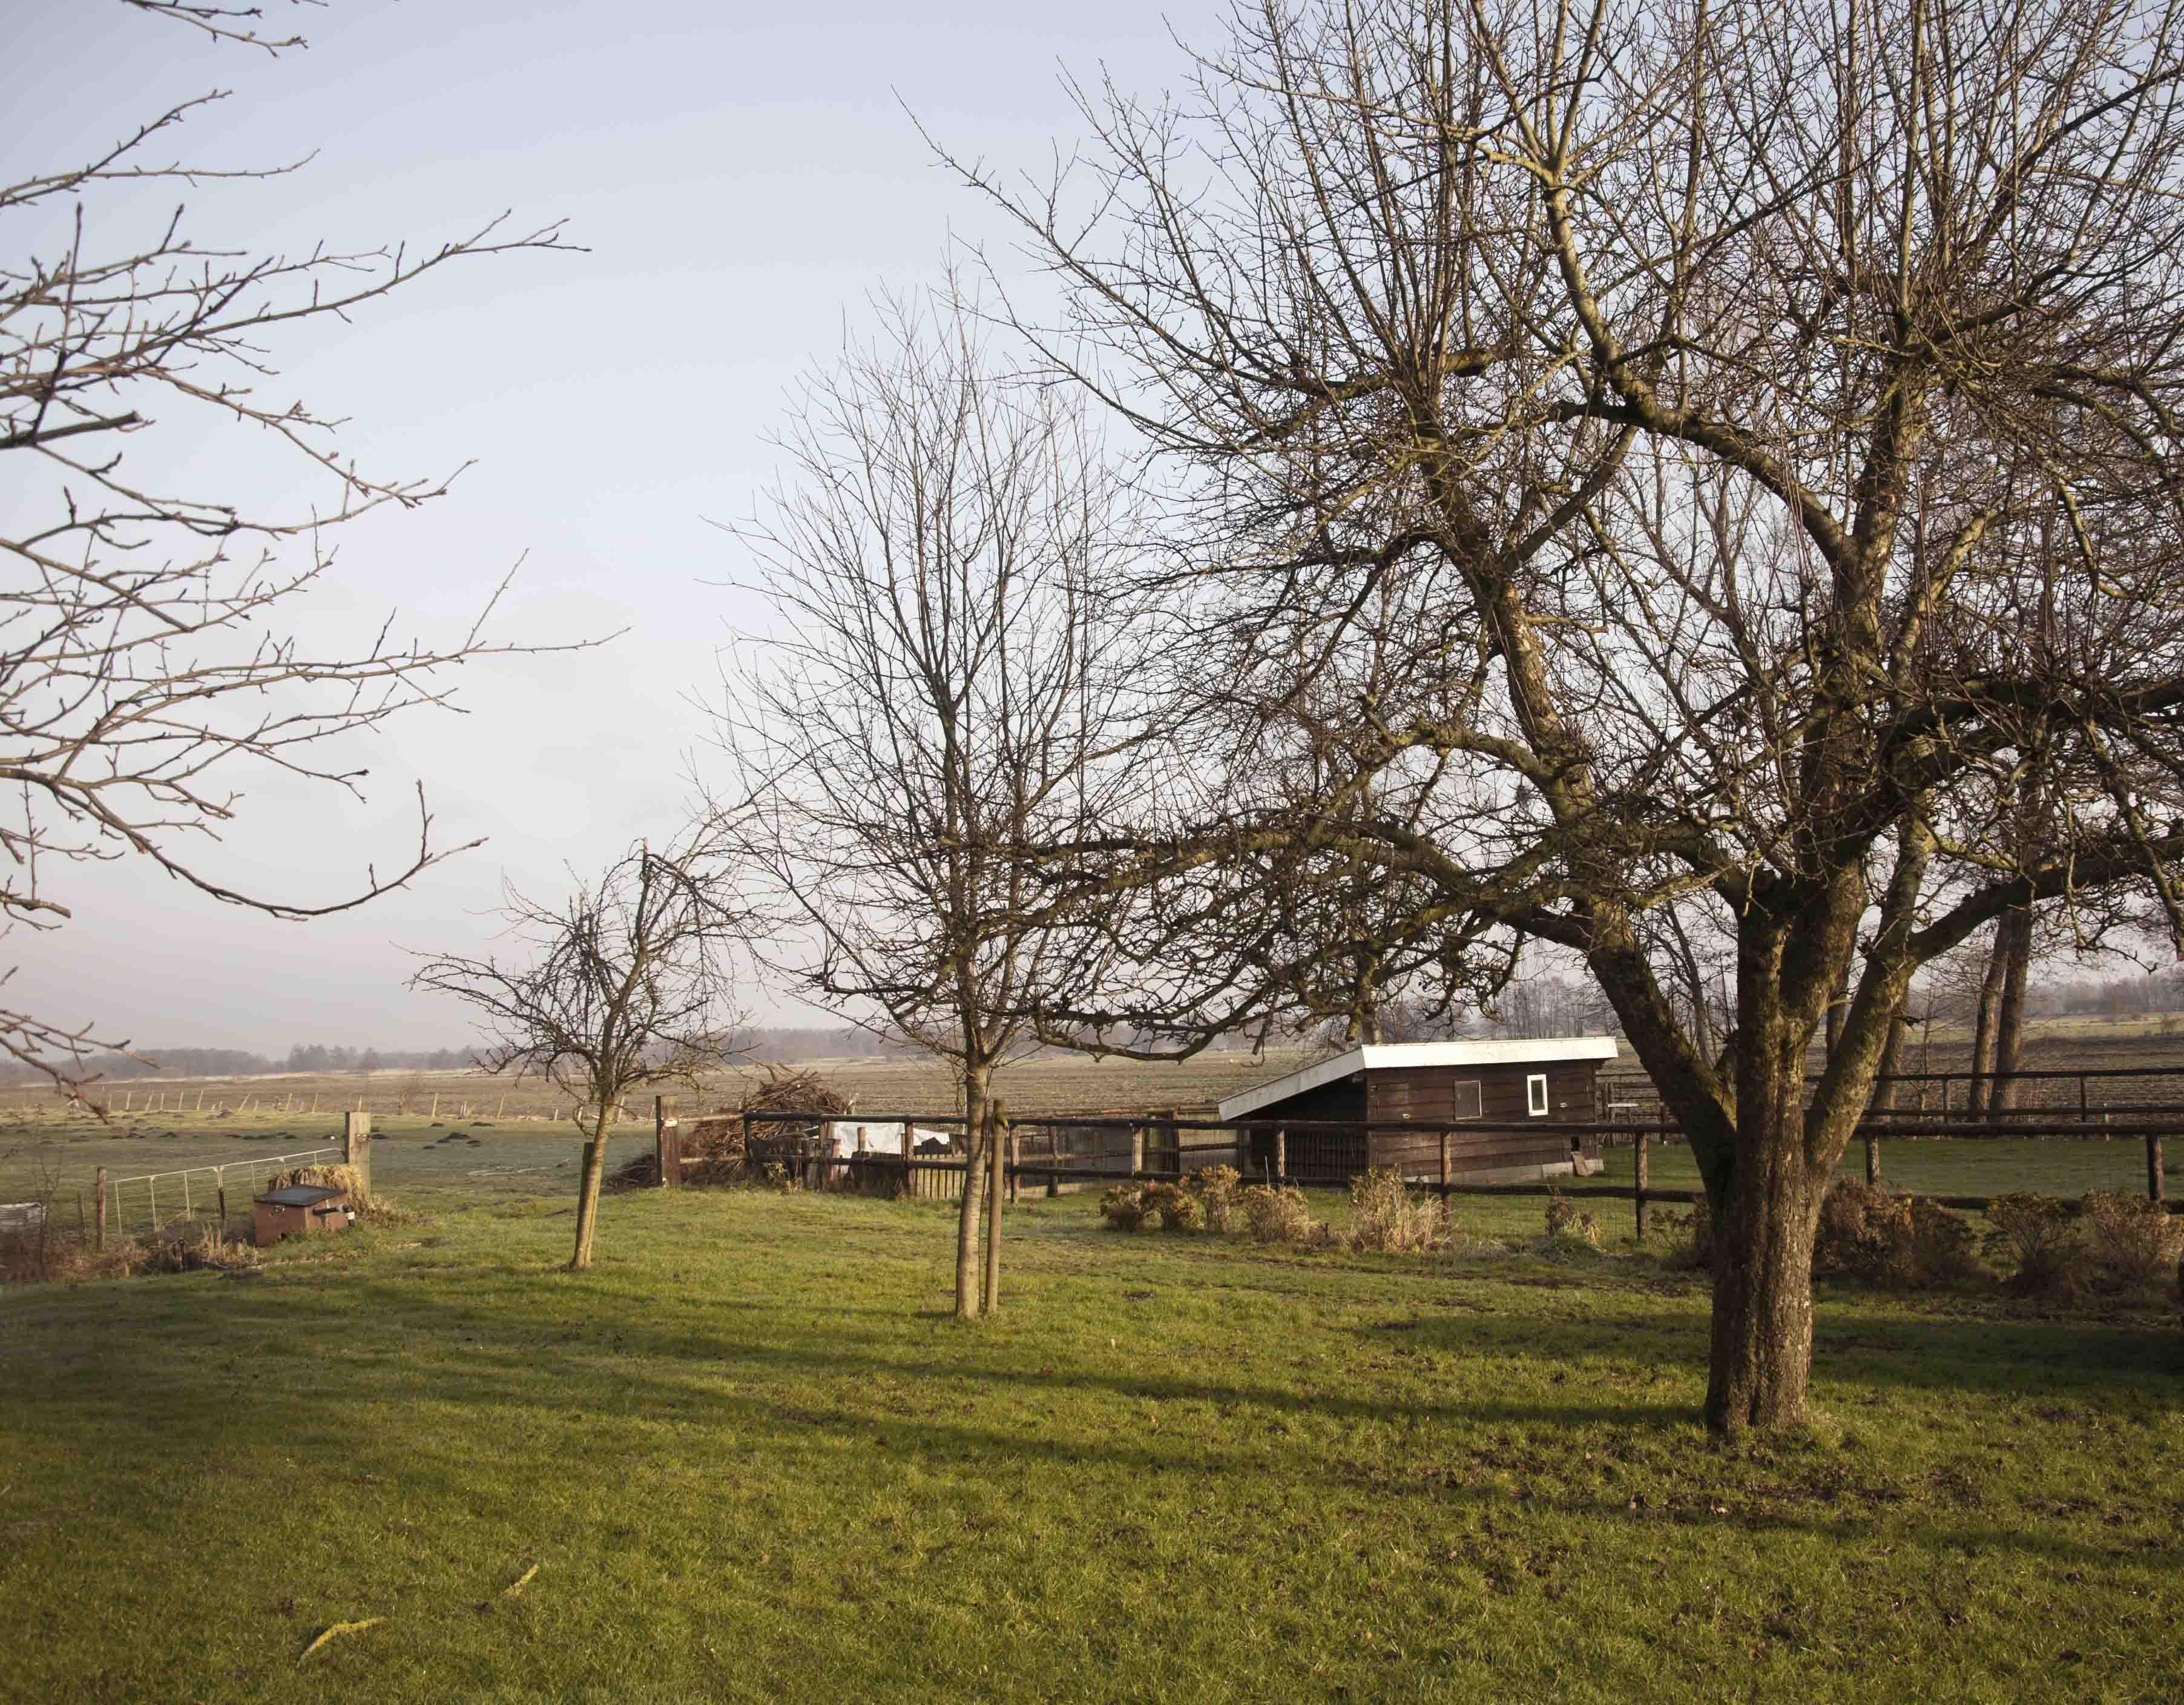 2012-01-28-hsb-wanneperveen-3510